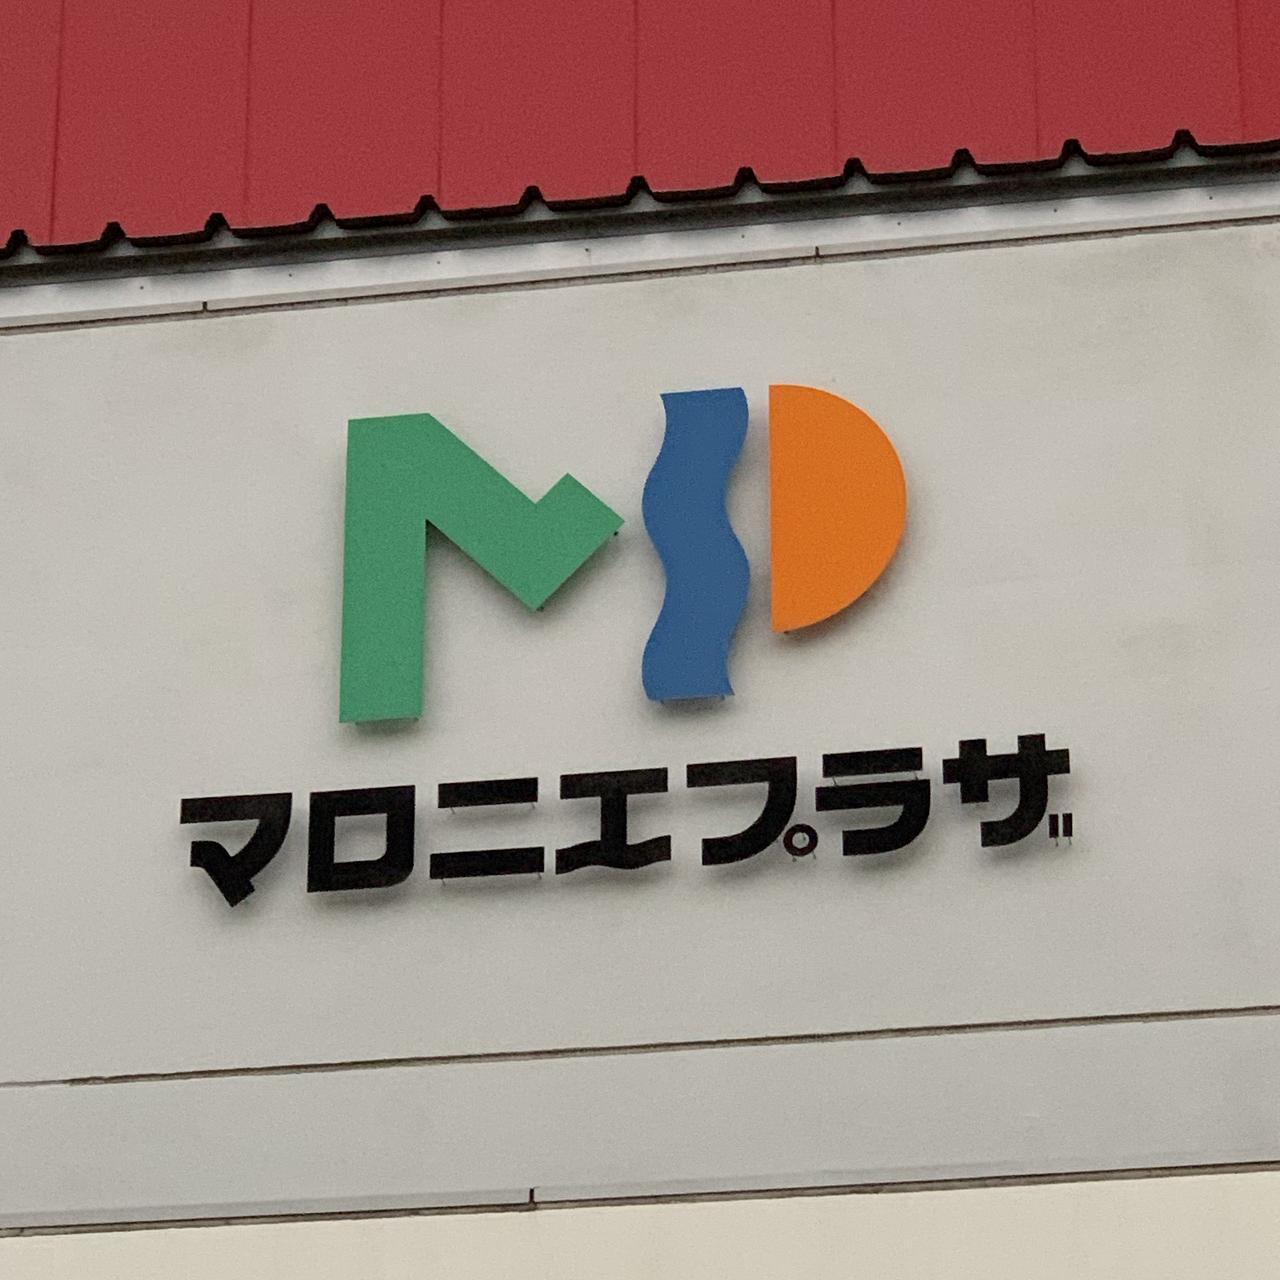 画像: 会場は「マロニエプラザ(栃木県立宇都宮産業展示館)」 アクセスはこちら www.marronnierplaza.jp